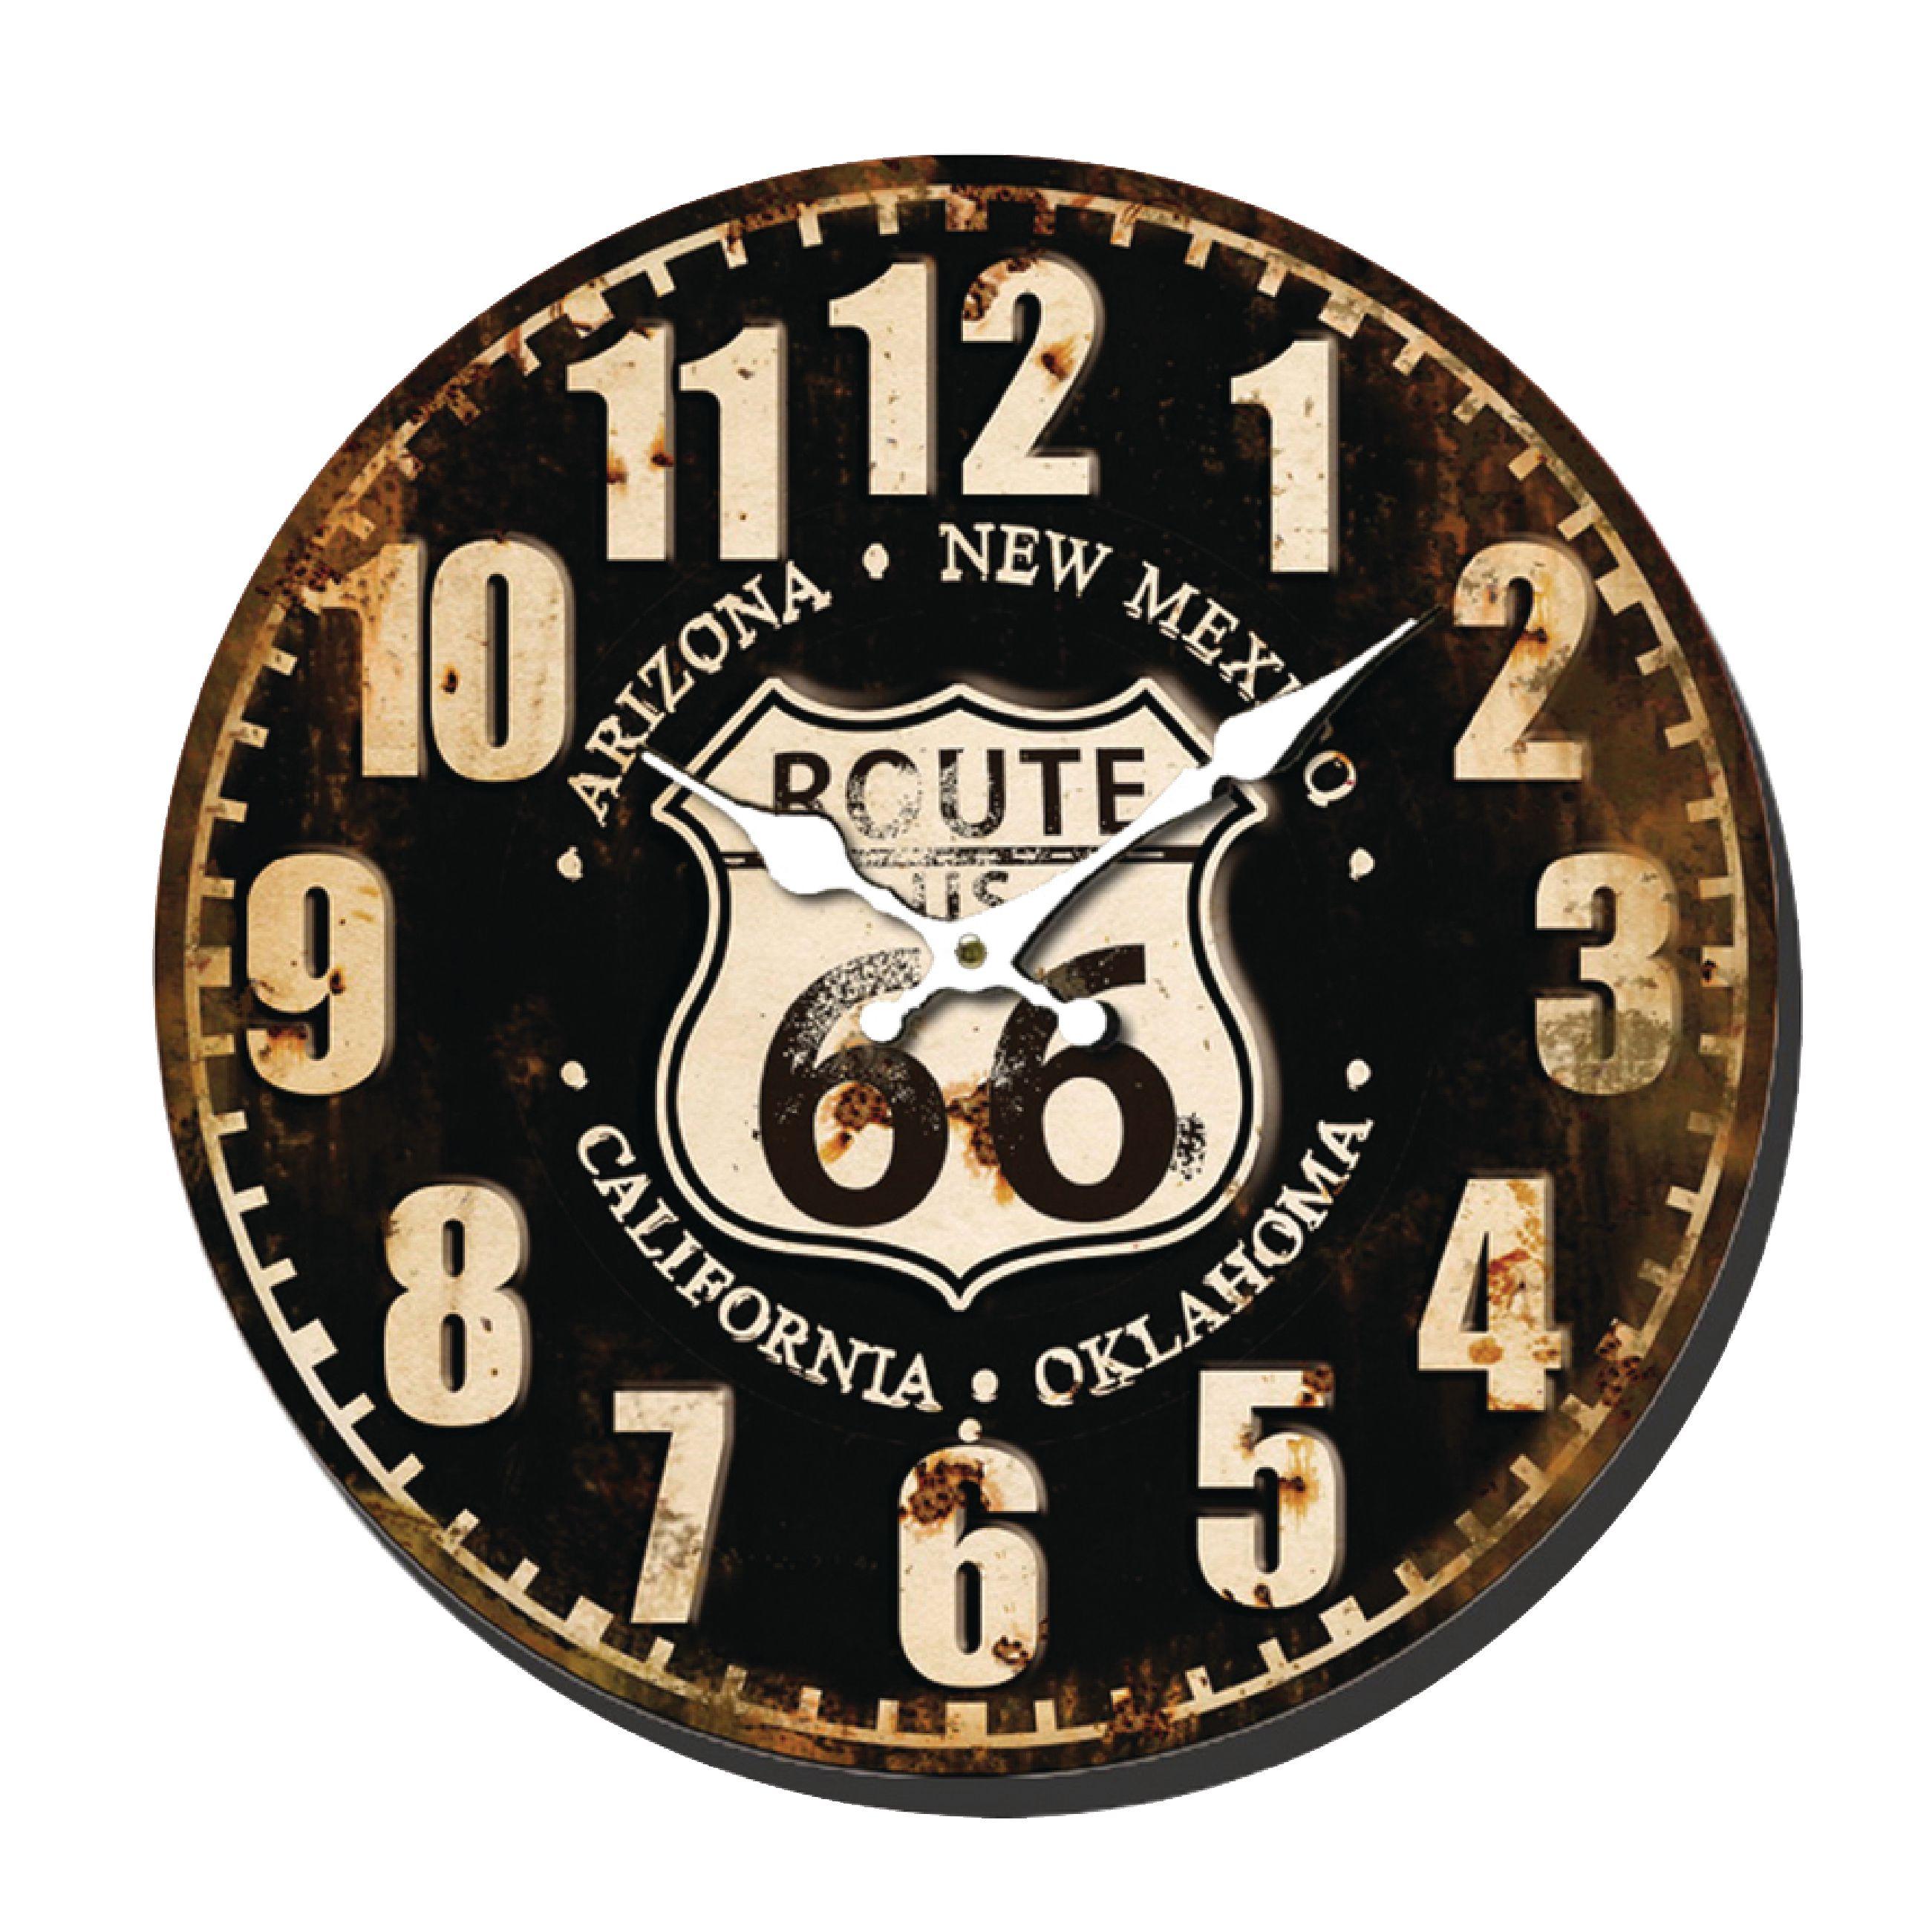 Retro analogové nástěnné hodiny 40 cm Balance 596161